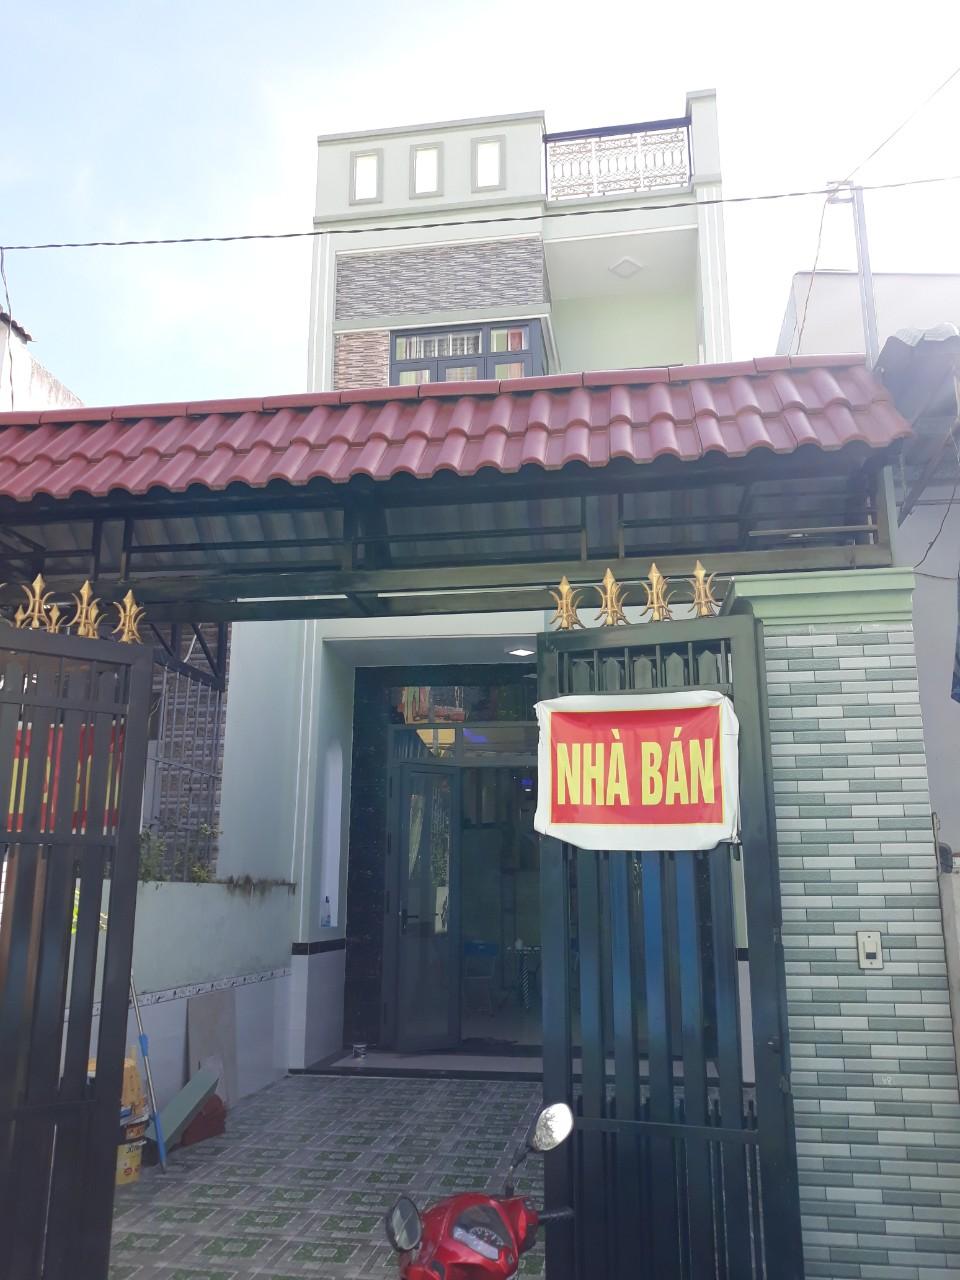 Bán nhà 1 trệt 1 lầu giá rẻ gần Vin Com Dĩ an,Bình Dương,96m,3,5 tỷ